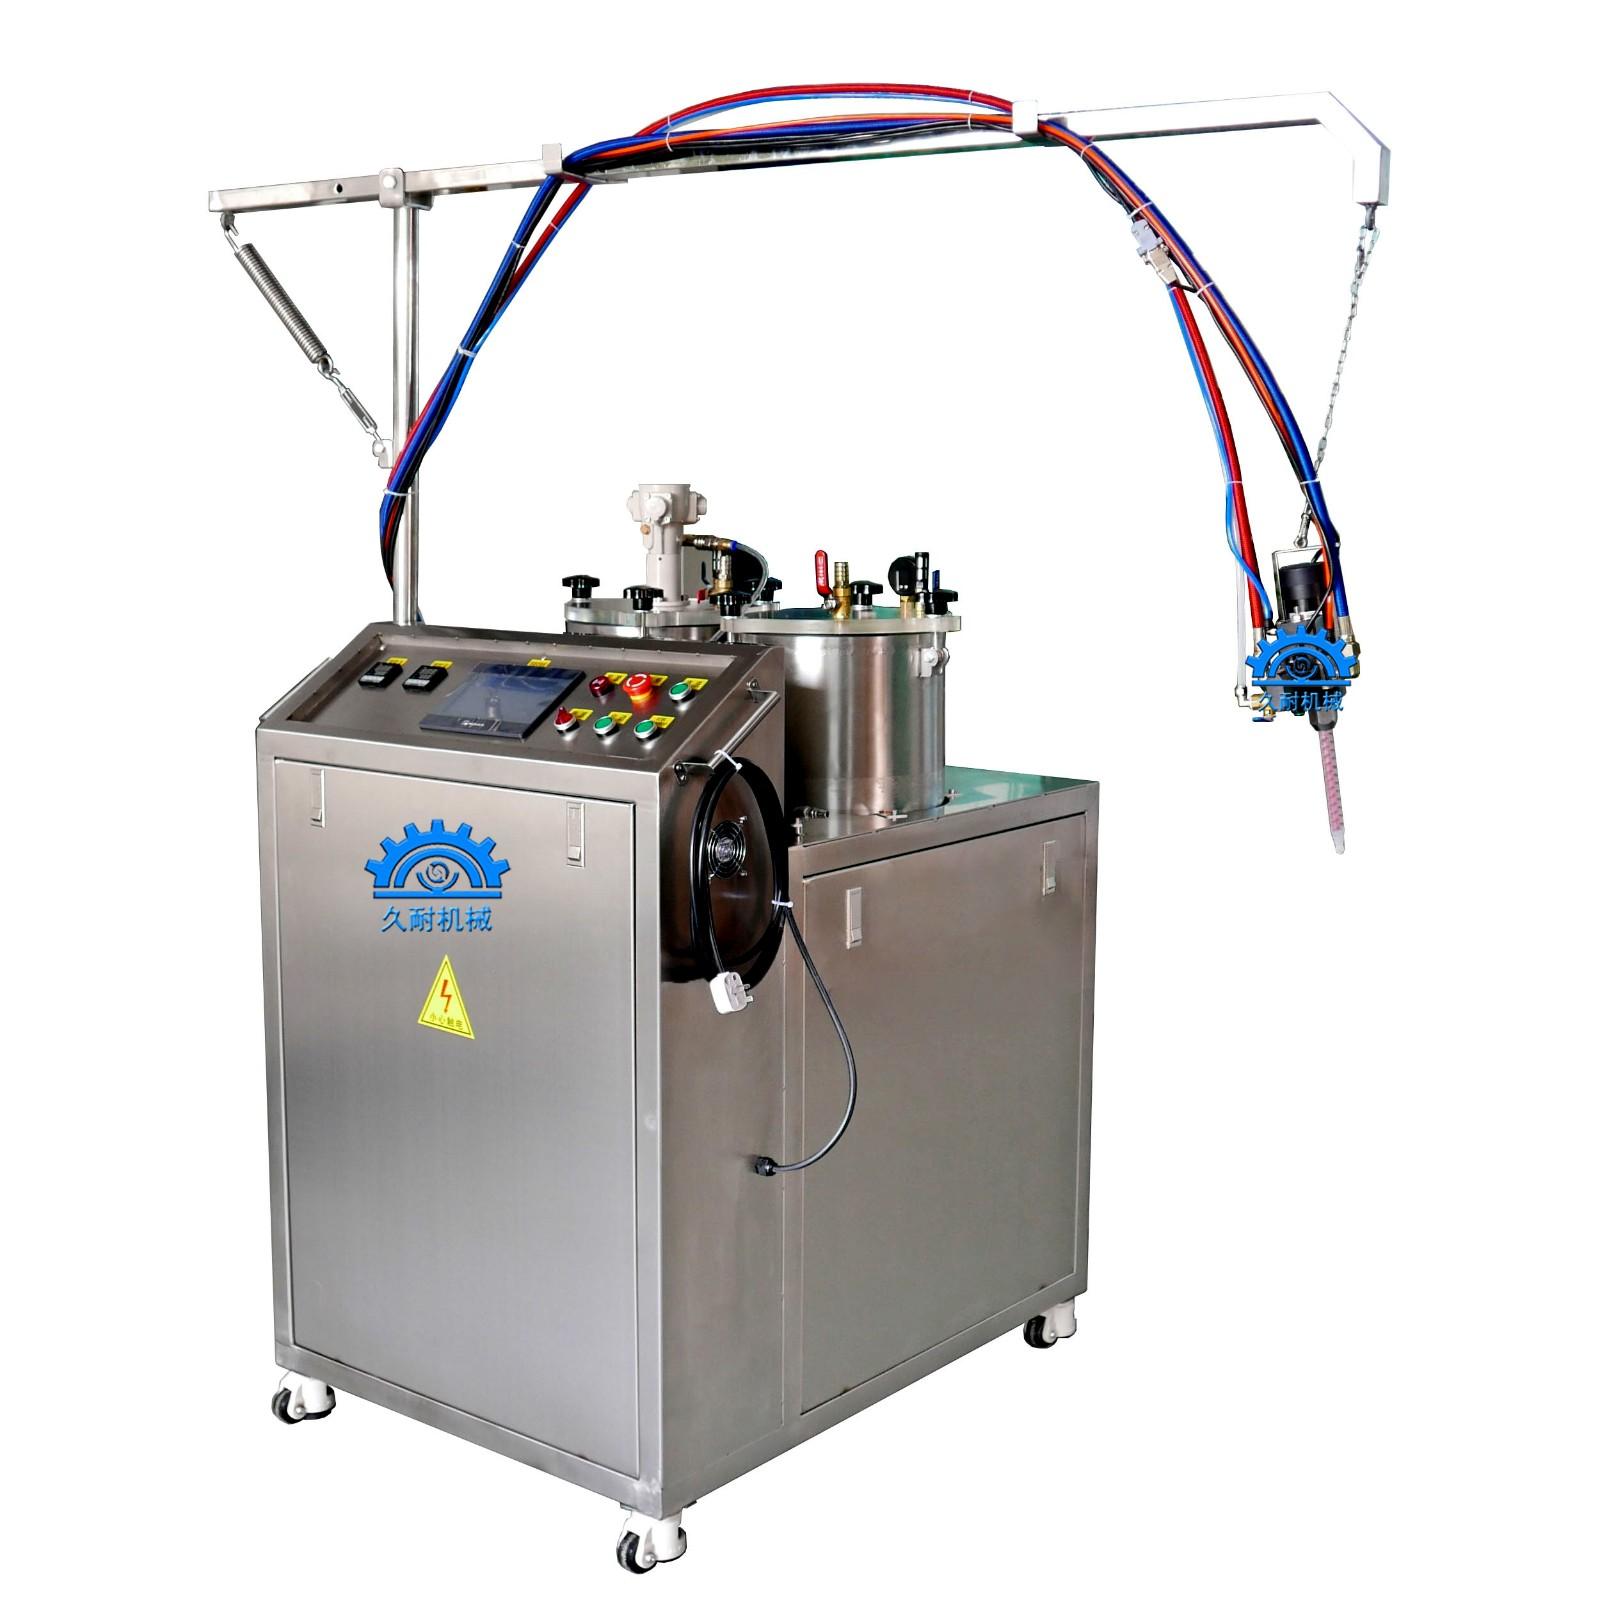 双组份灌胶机 ab双液混胶机 小型聚氨酯灌胶机厂家